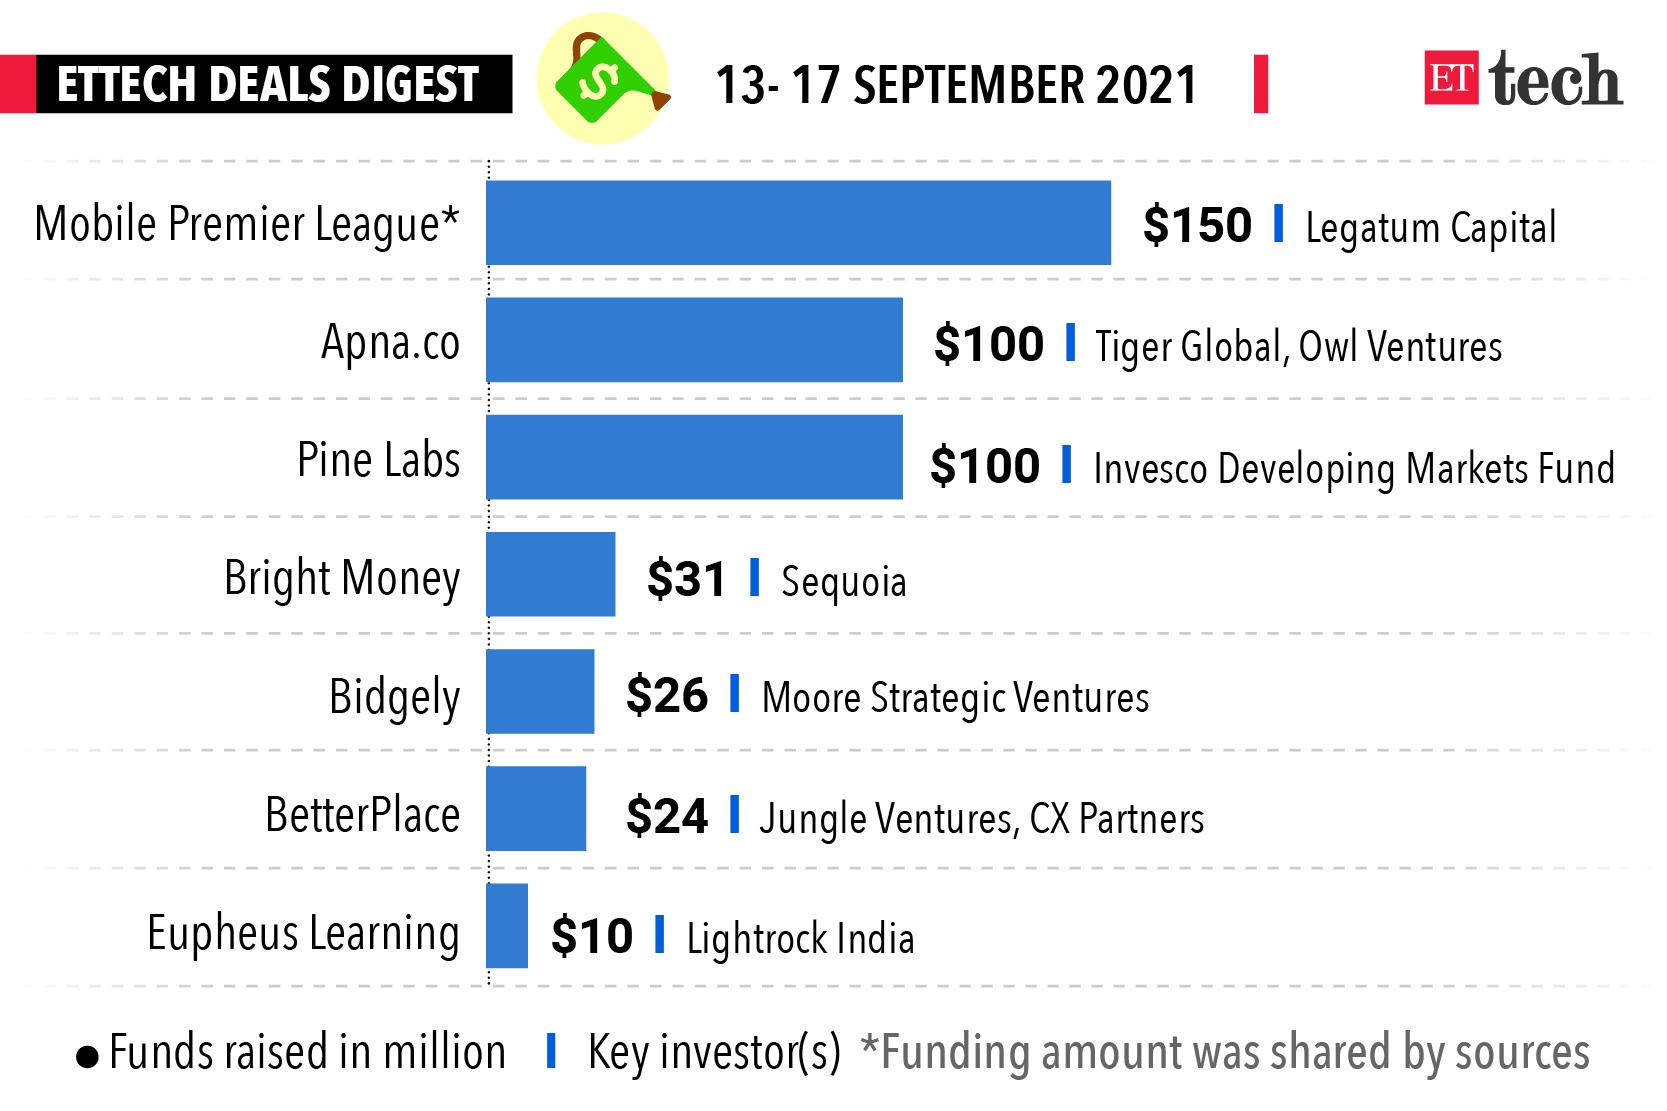 deals digest_Graphic_13- 17 September 2021_ETTECH